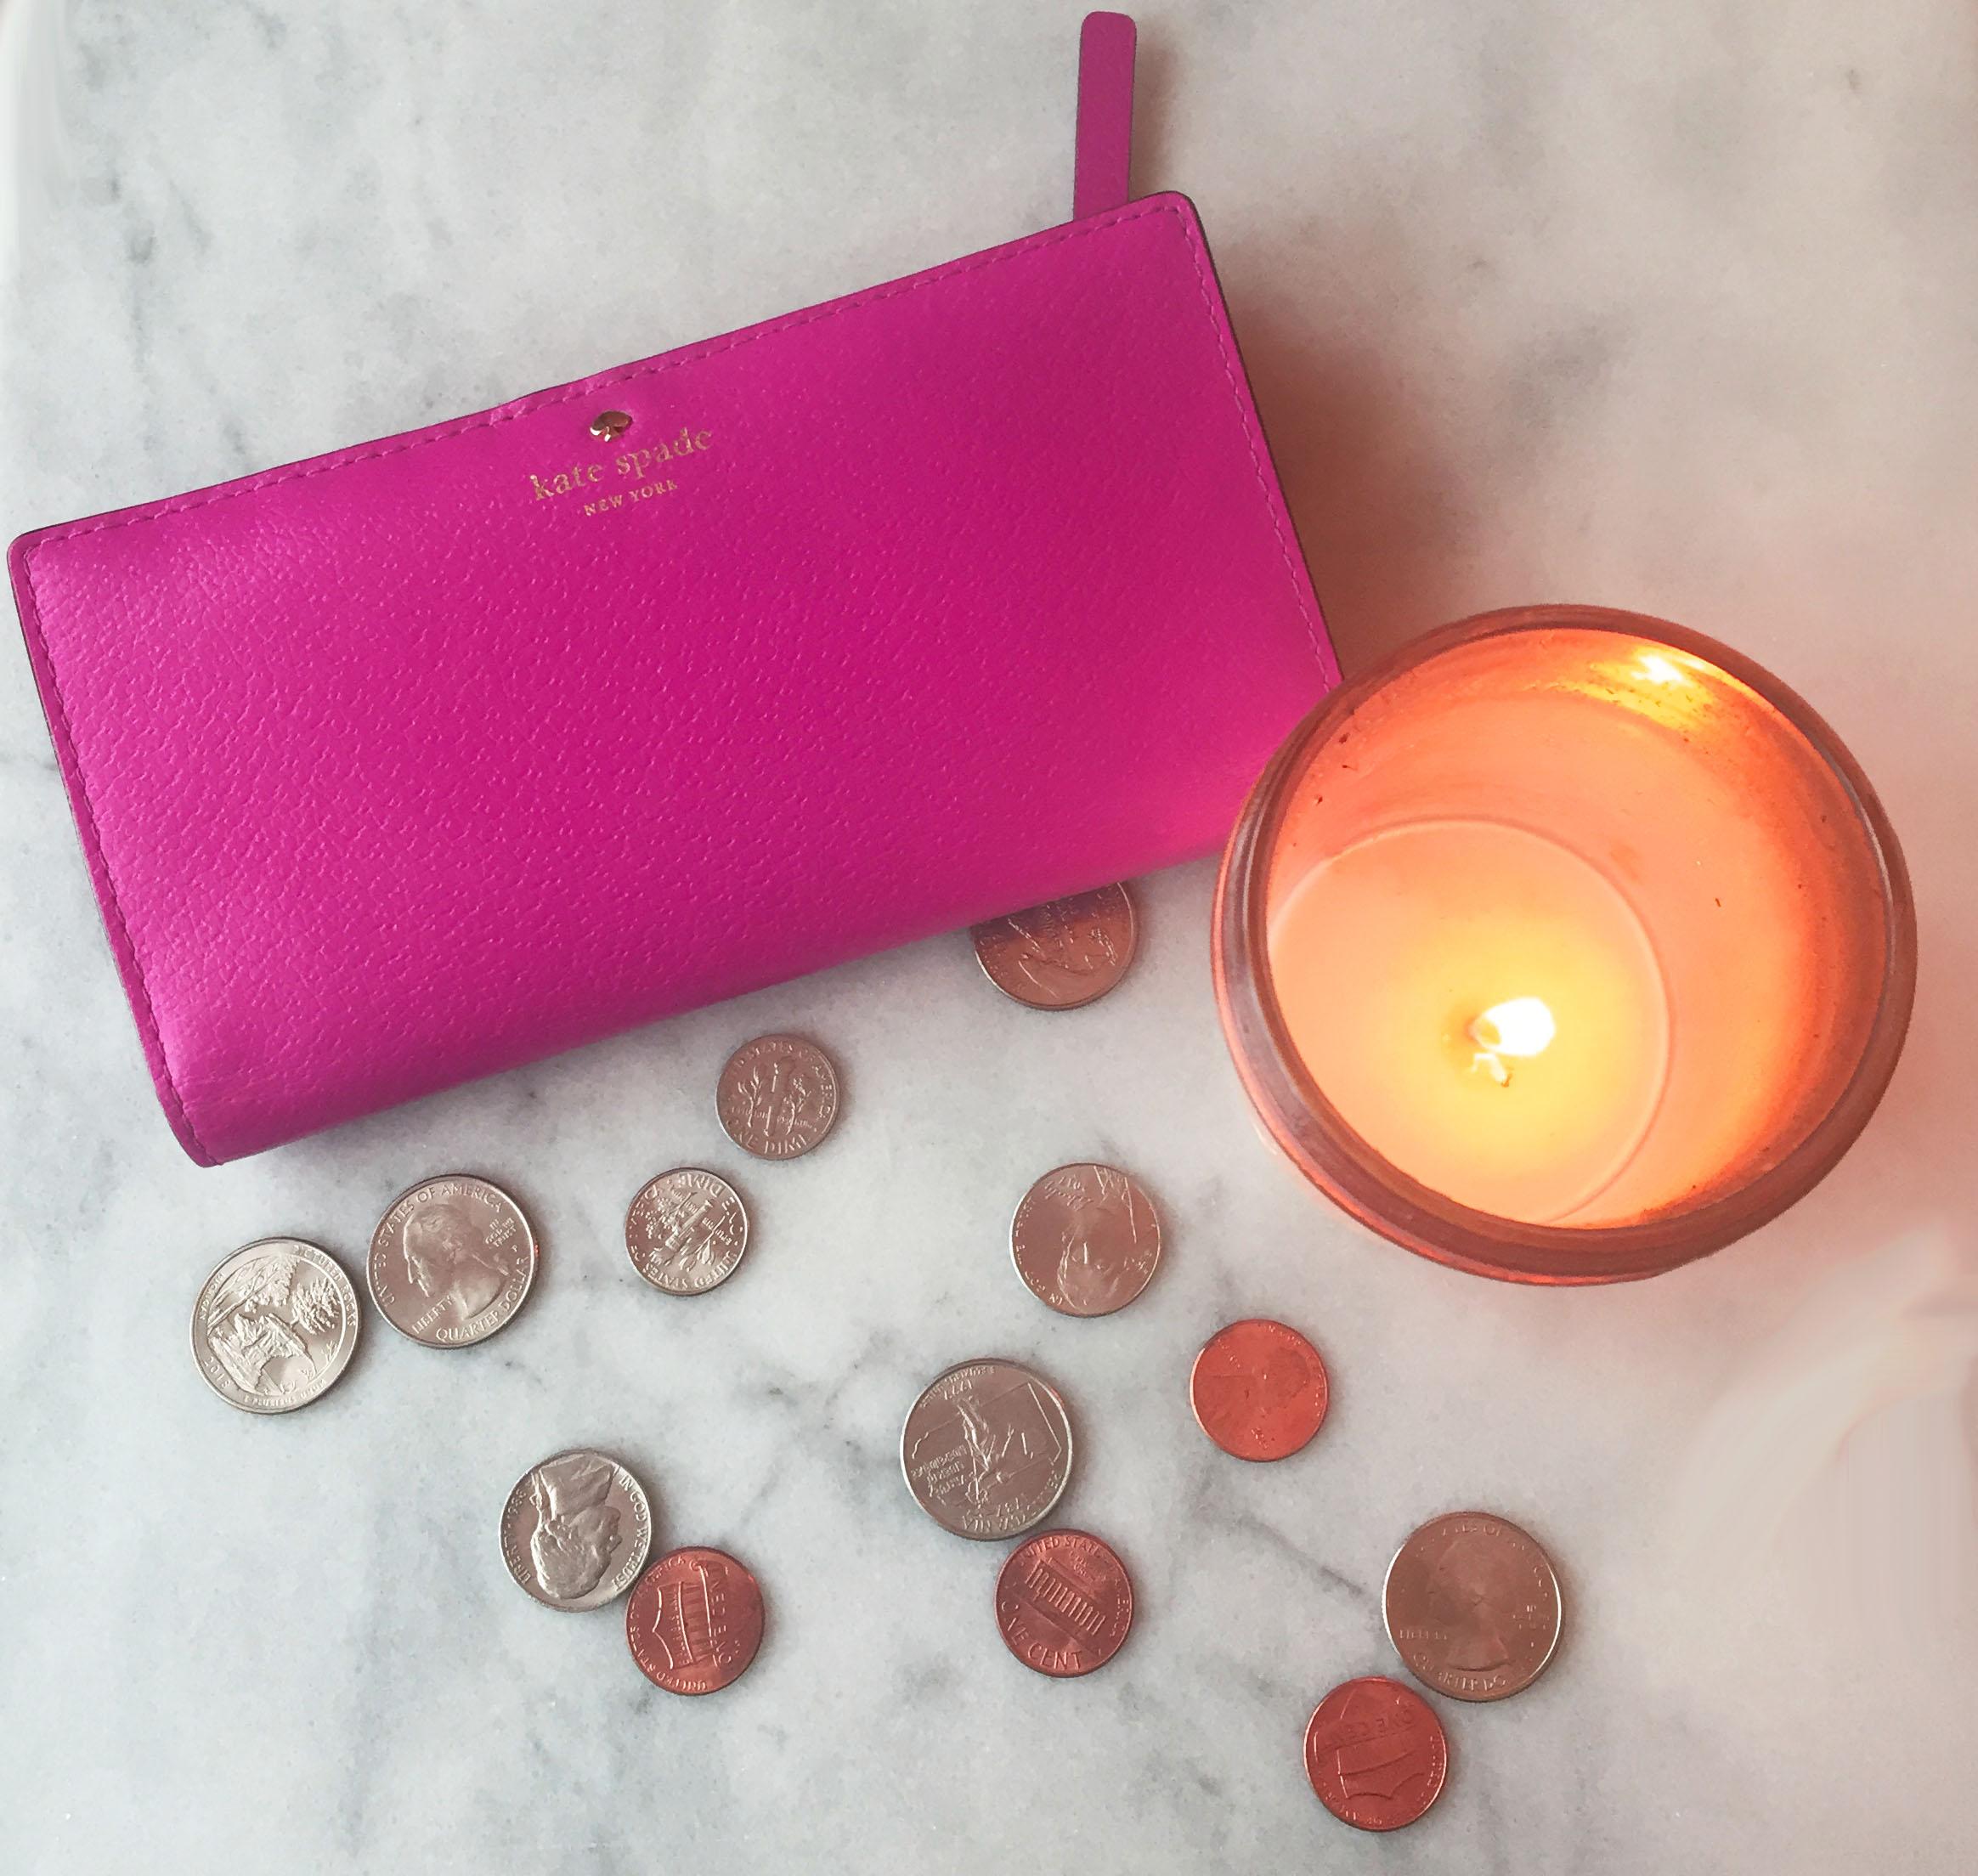 Kate Spade Wallet ( similar here *)